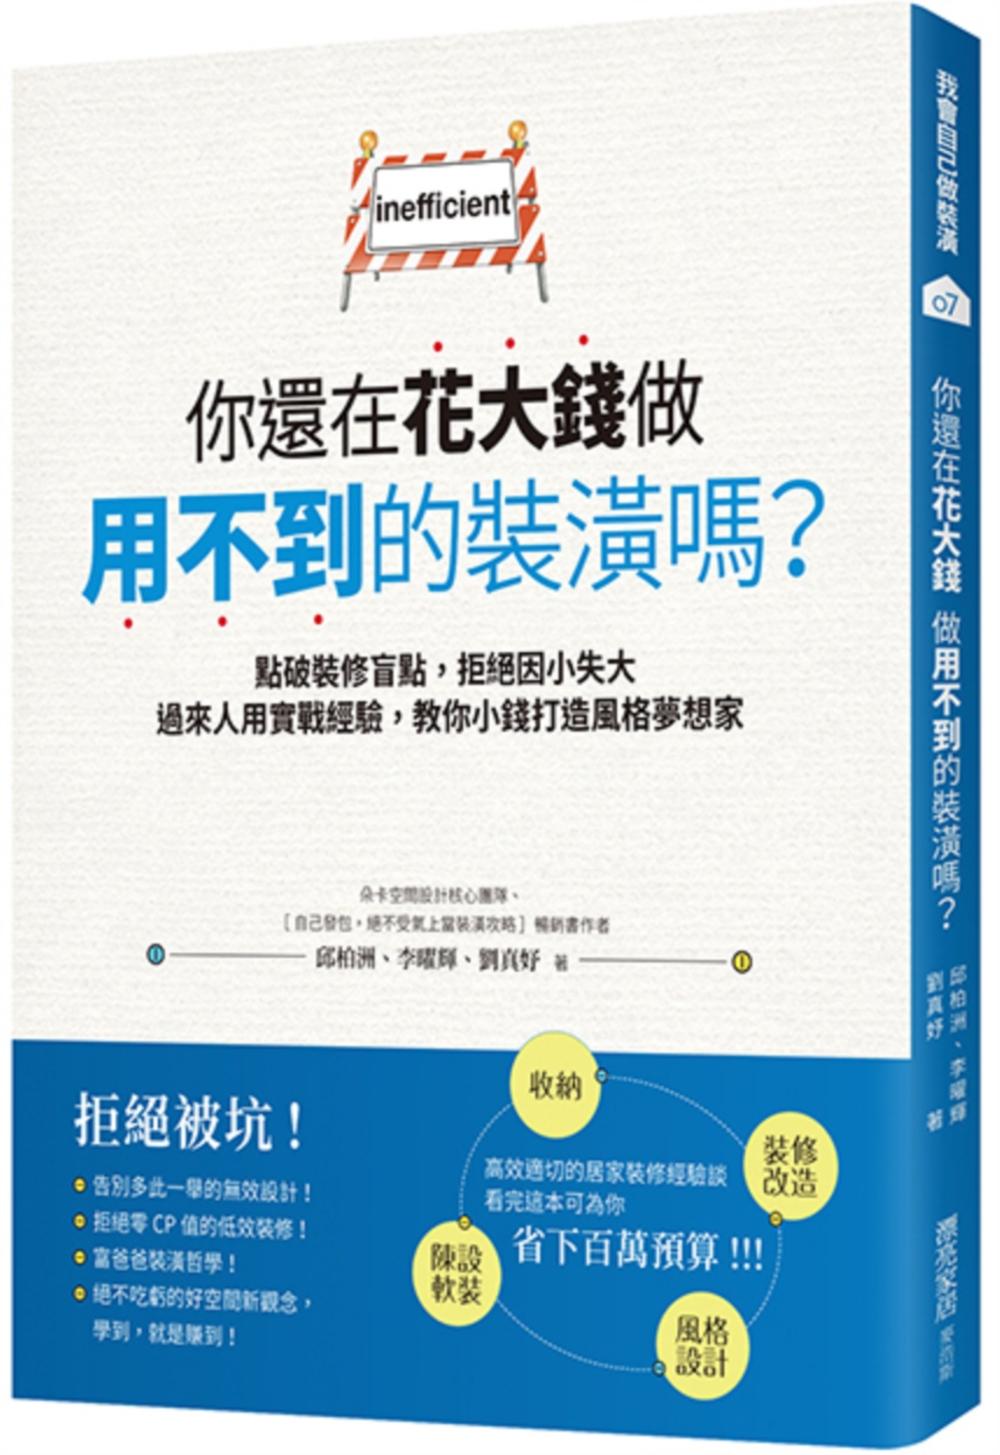 《你還在花大錢做用不到的裝潢嗎?點破裝修盲點,拒絕因小失大,過來人用實戰經驗教你小錢打造風格夢想家》 商品條碼,ISBN:9789864083459